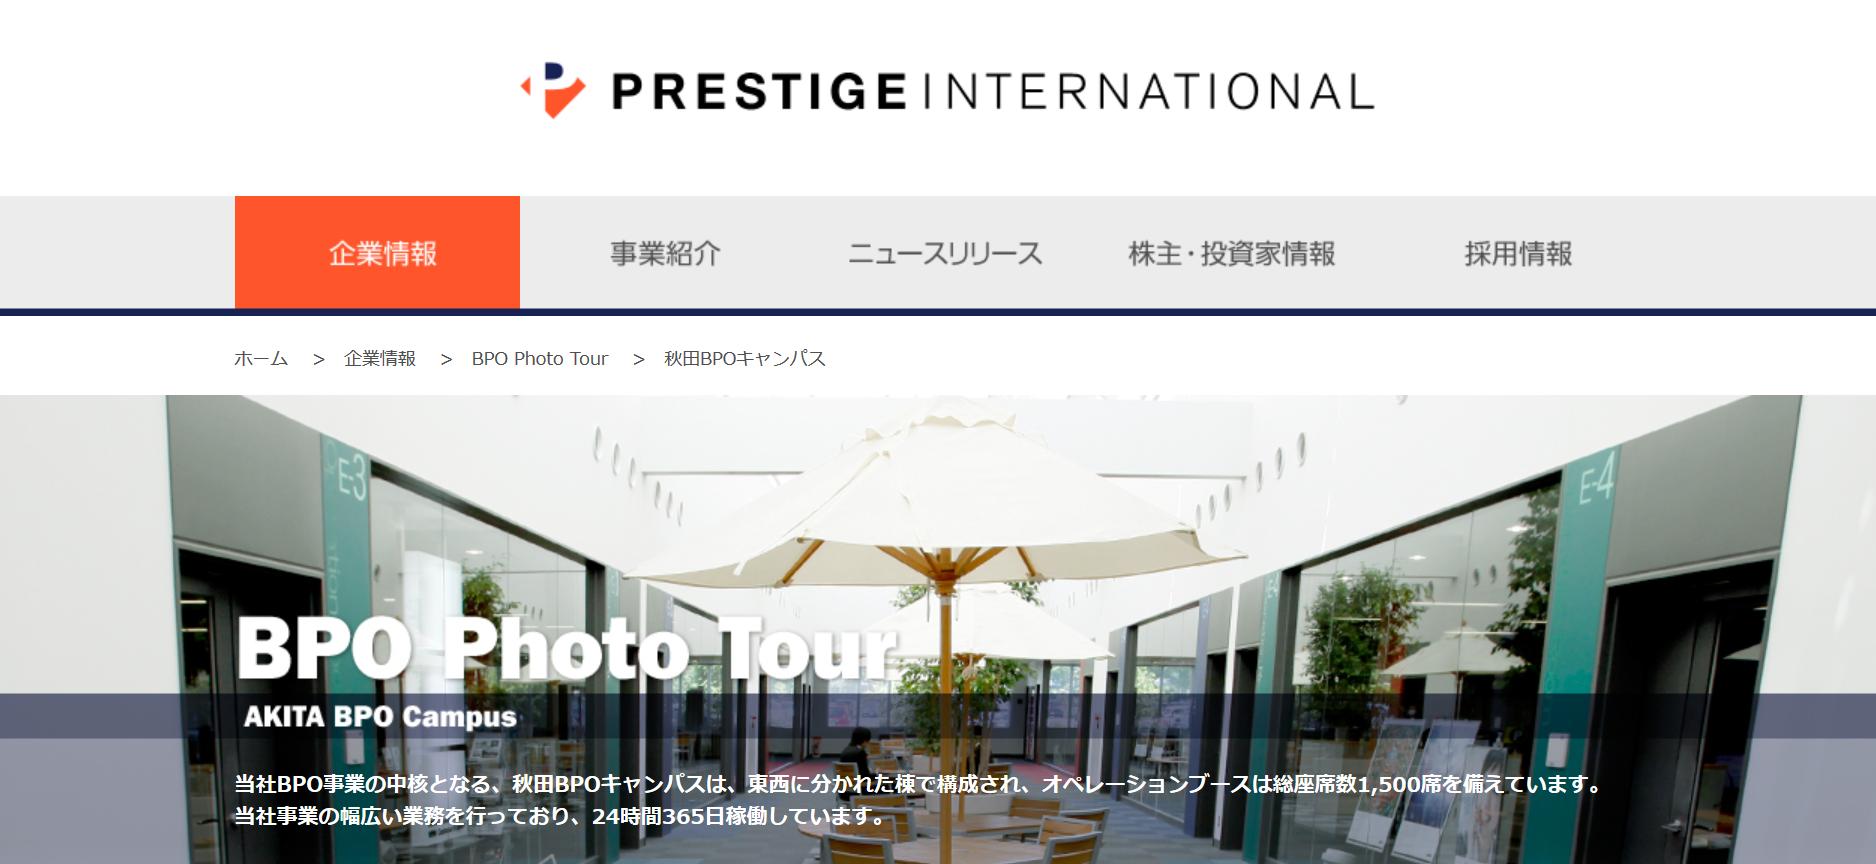 プレステージ・インターナショナル 秋田BPOキャンパスの働きやすさ・評判は?